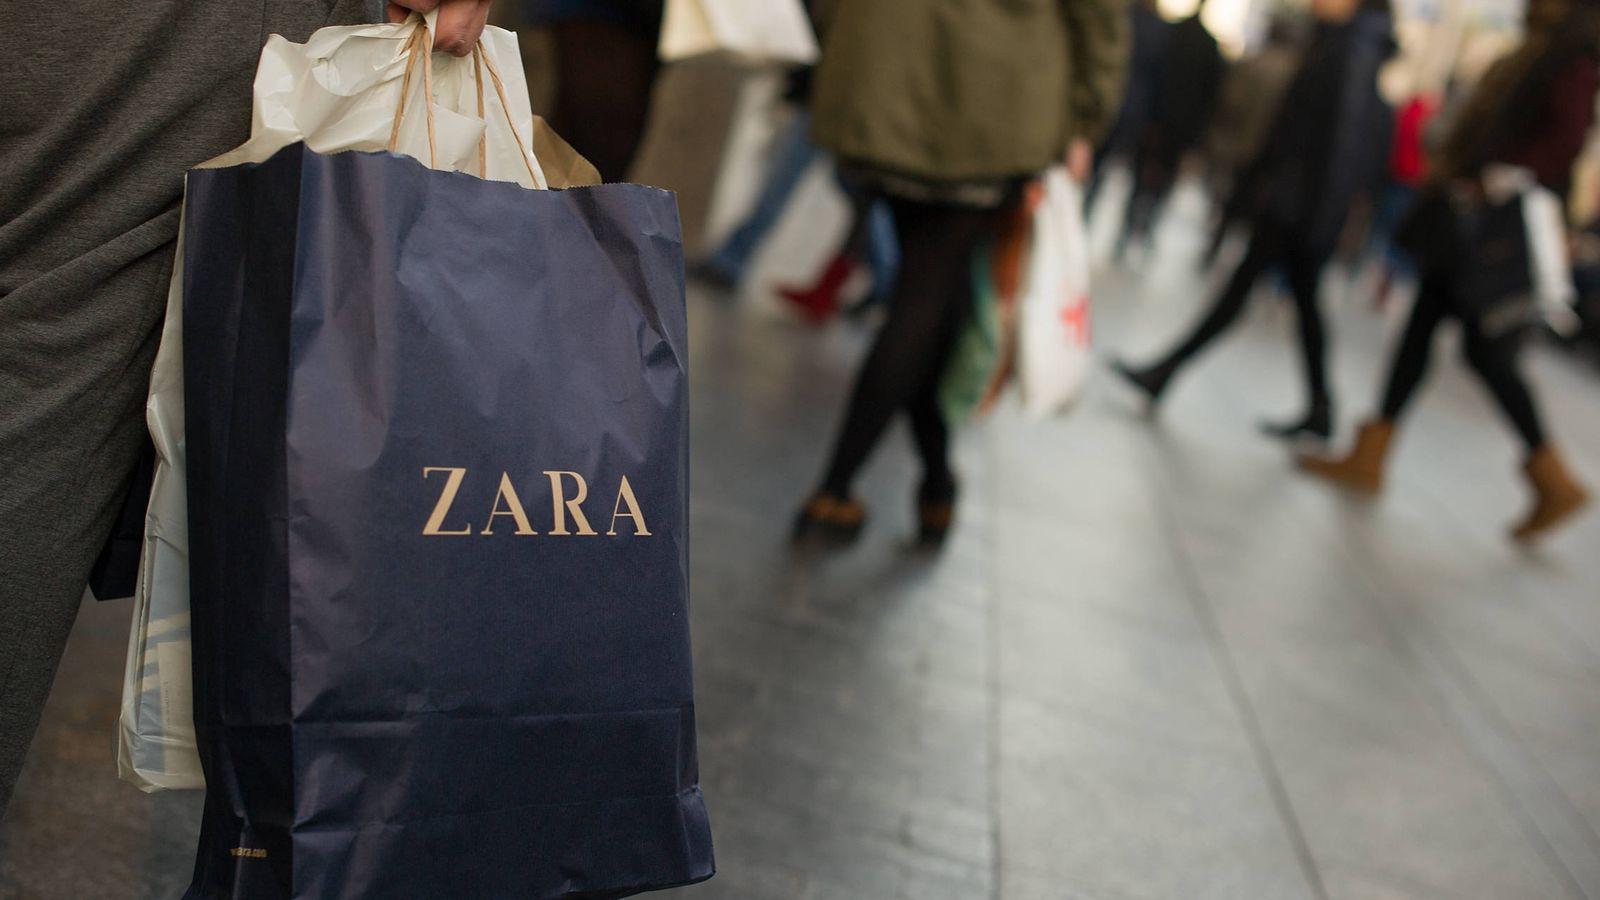 Foto: Bolsa de Zara, cadena del grupo Inditex. (Fuente: Getty).